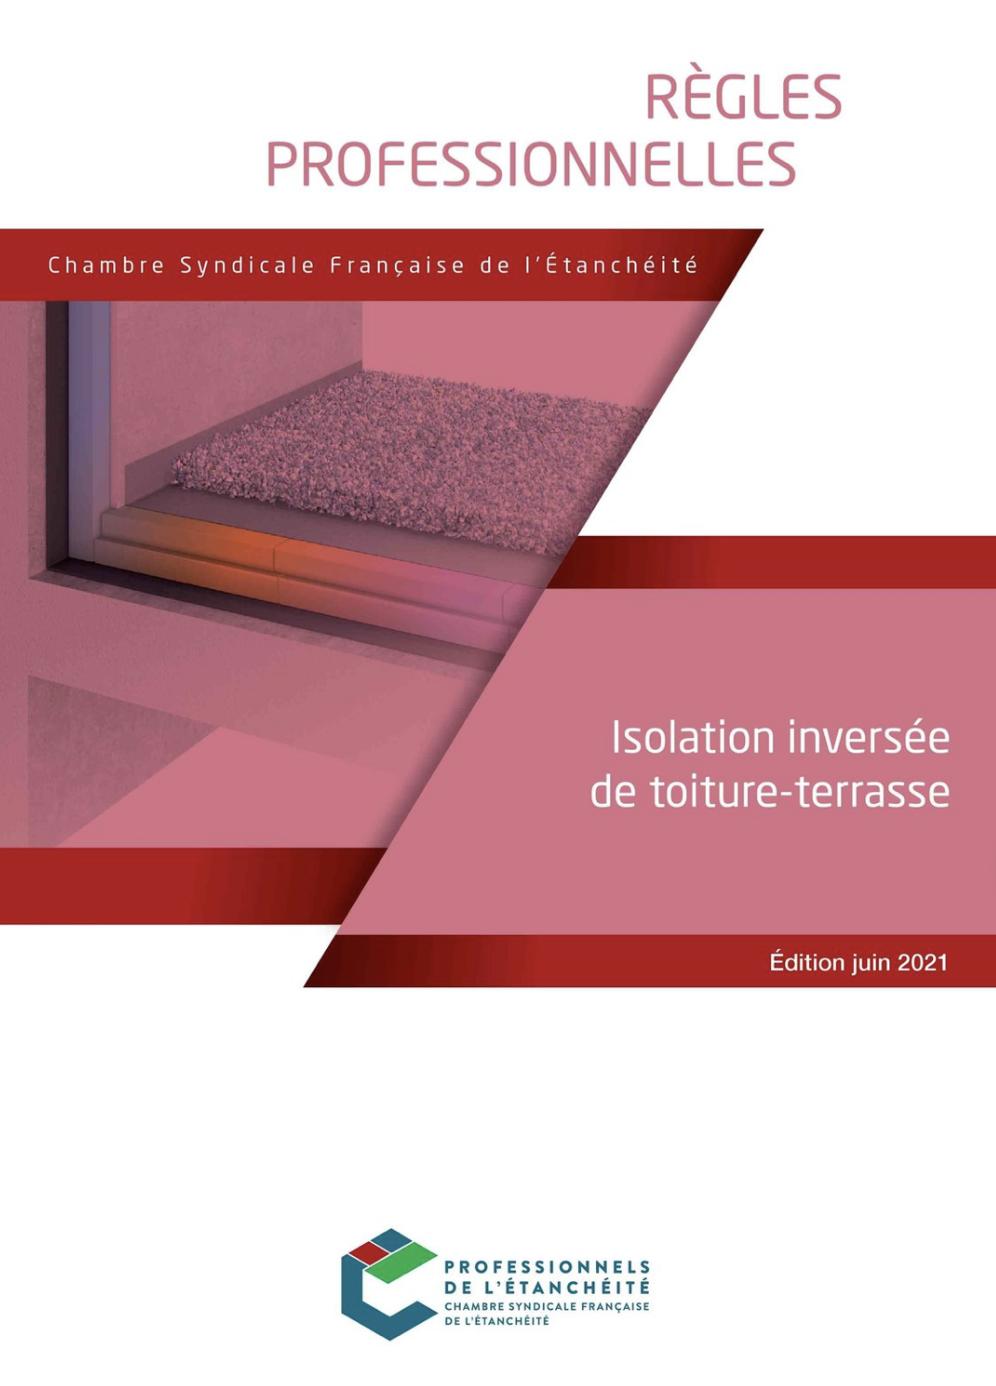 Règles Professionnelles isolation inversée de toiture-terrasse